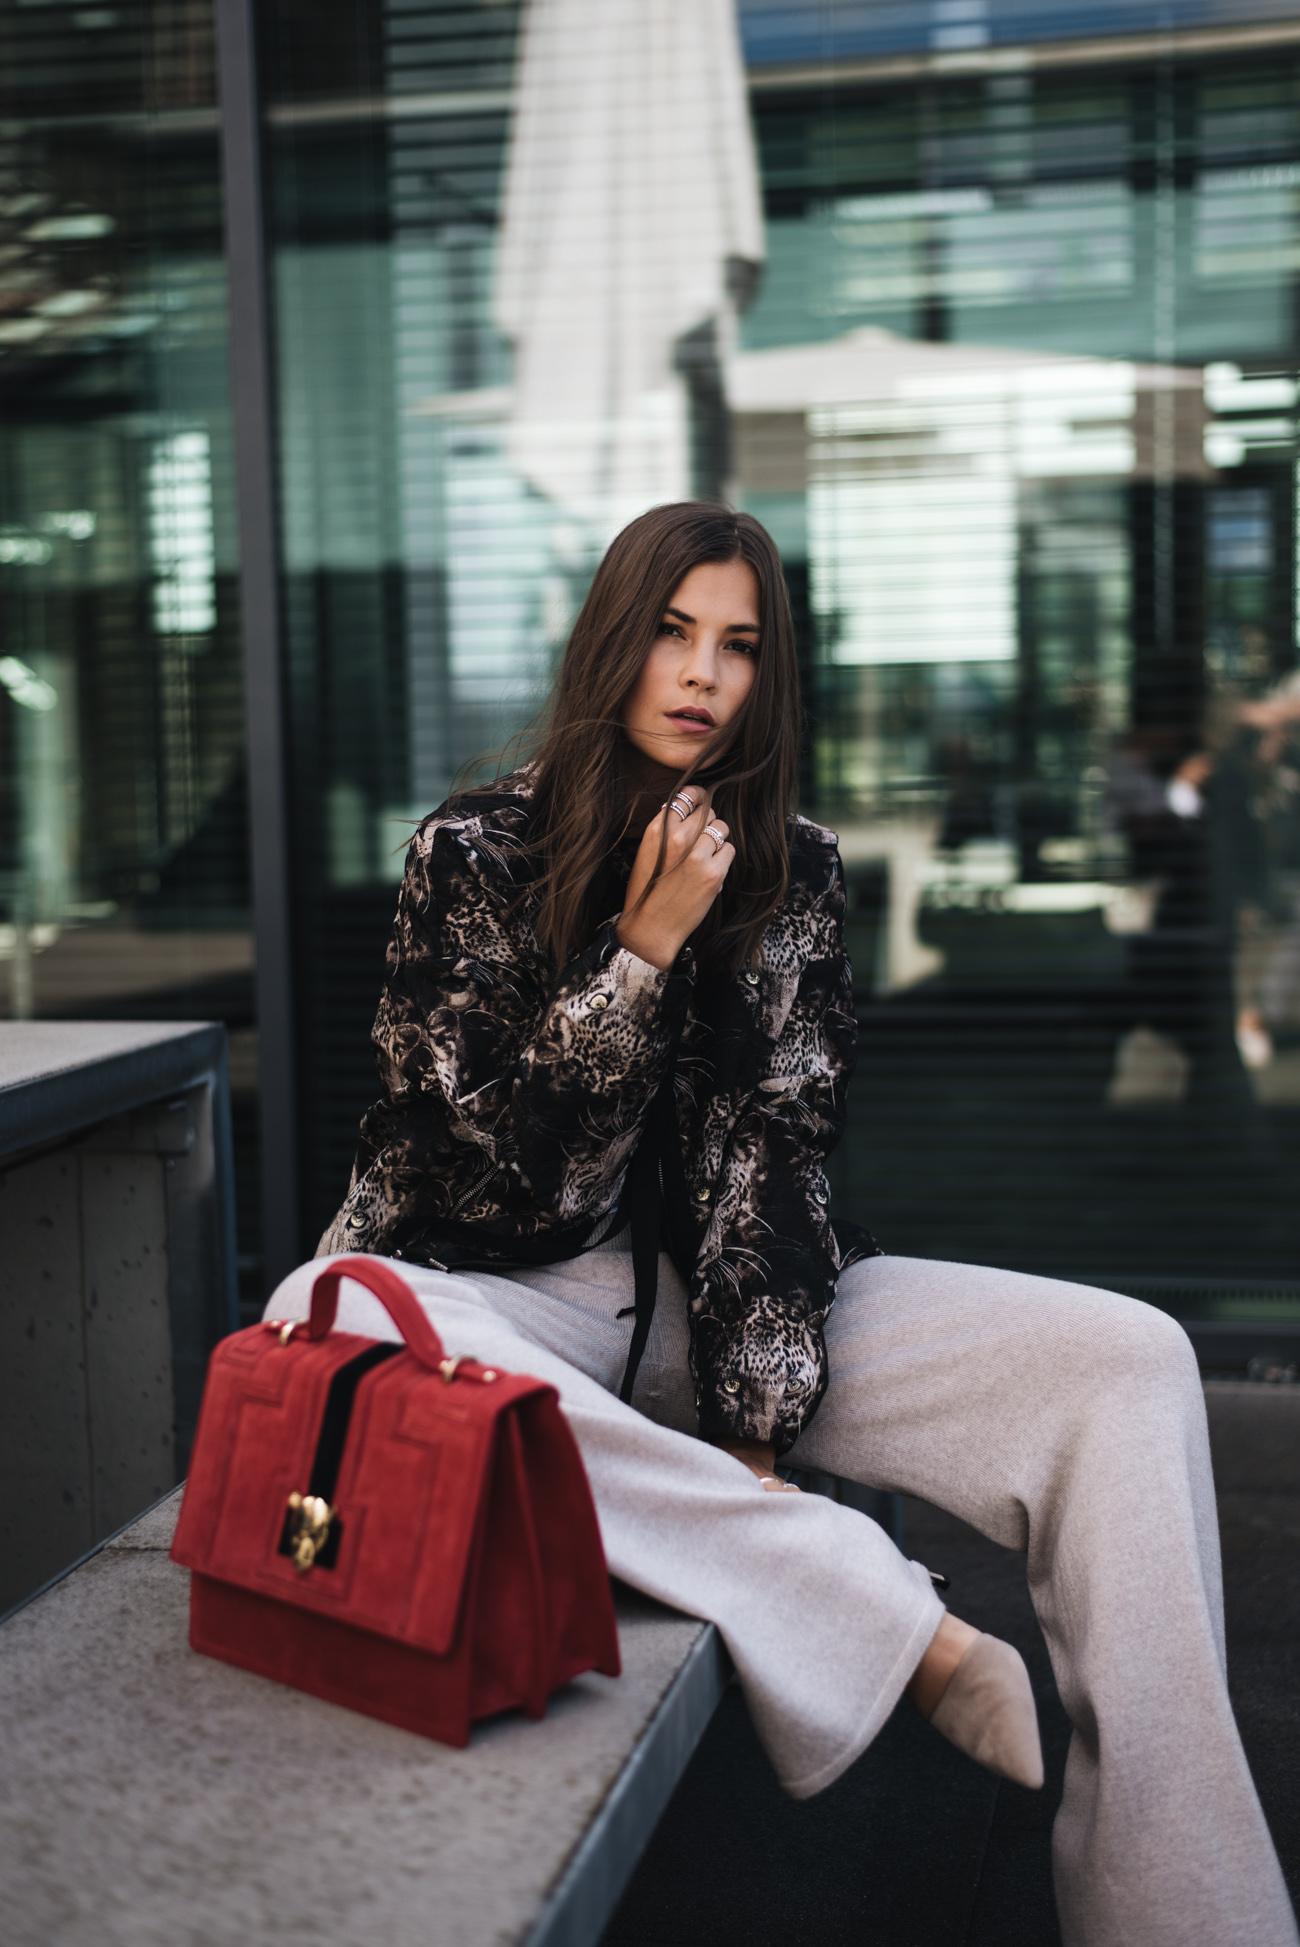 die-größten-mode-und-lifestyle-blogs-deutschlands-münchen-nina-schwichtenberg-fashiioncarpet